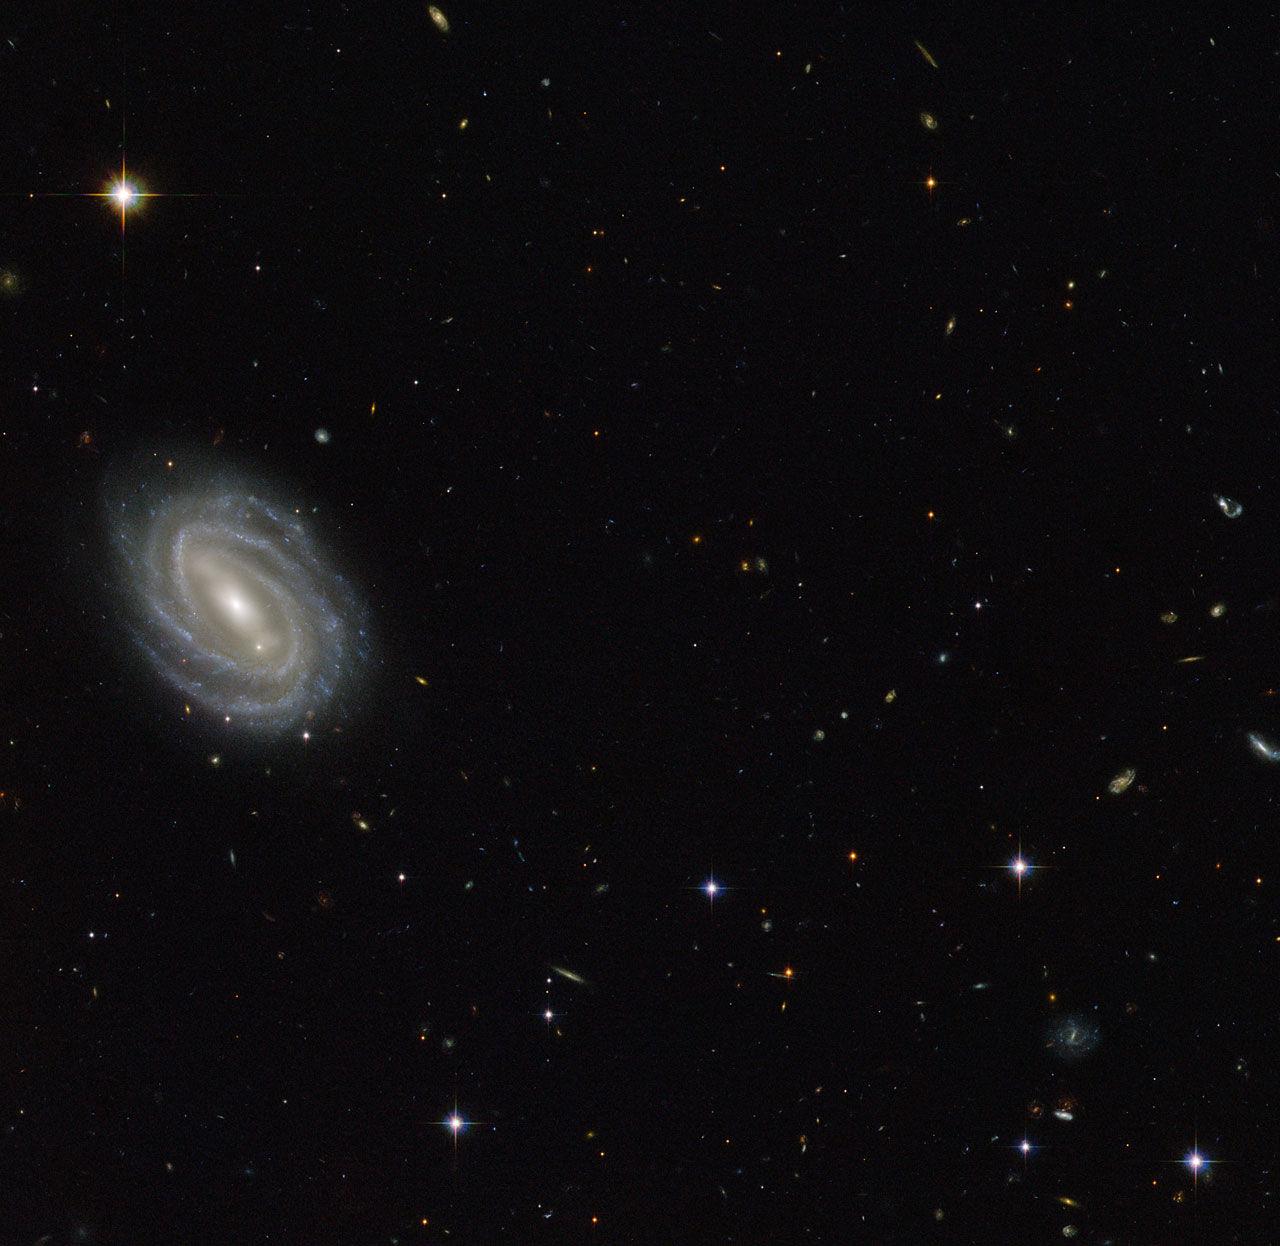 Хаббл увидел спиральную галактику в созвездии Змеи